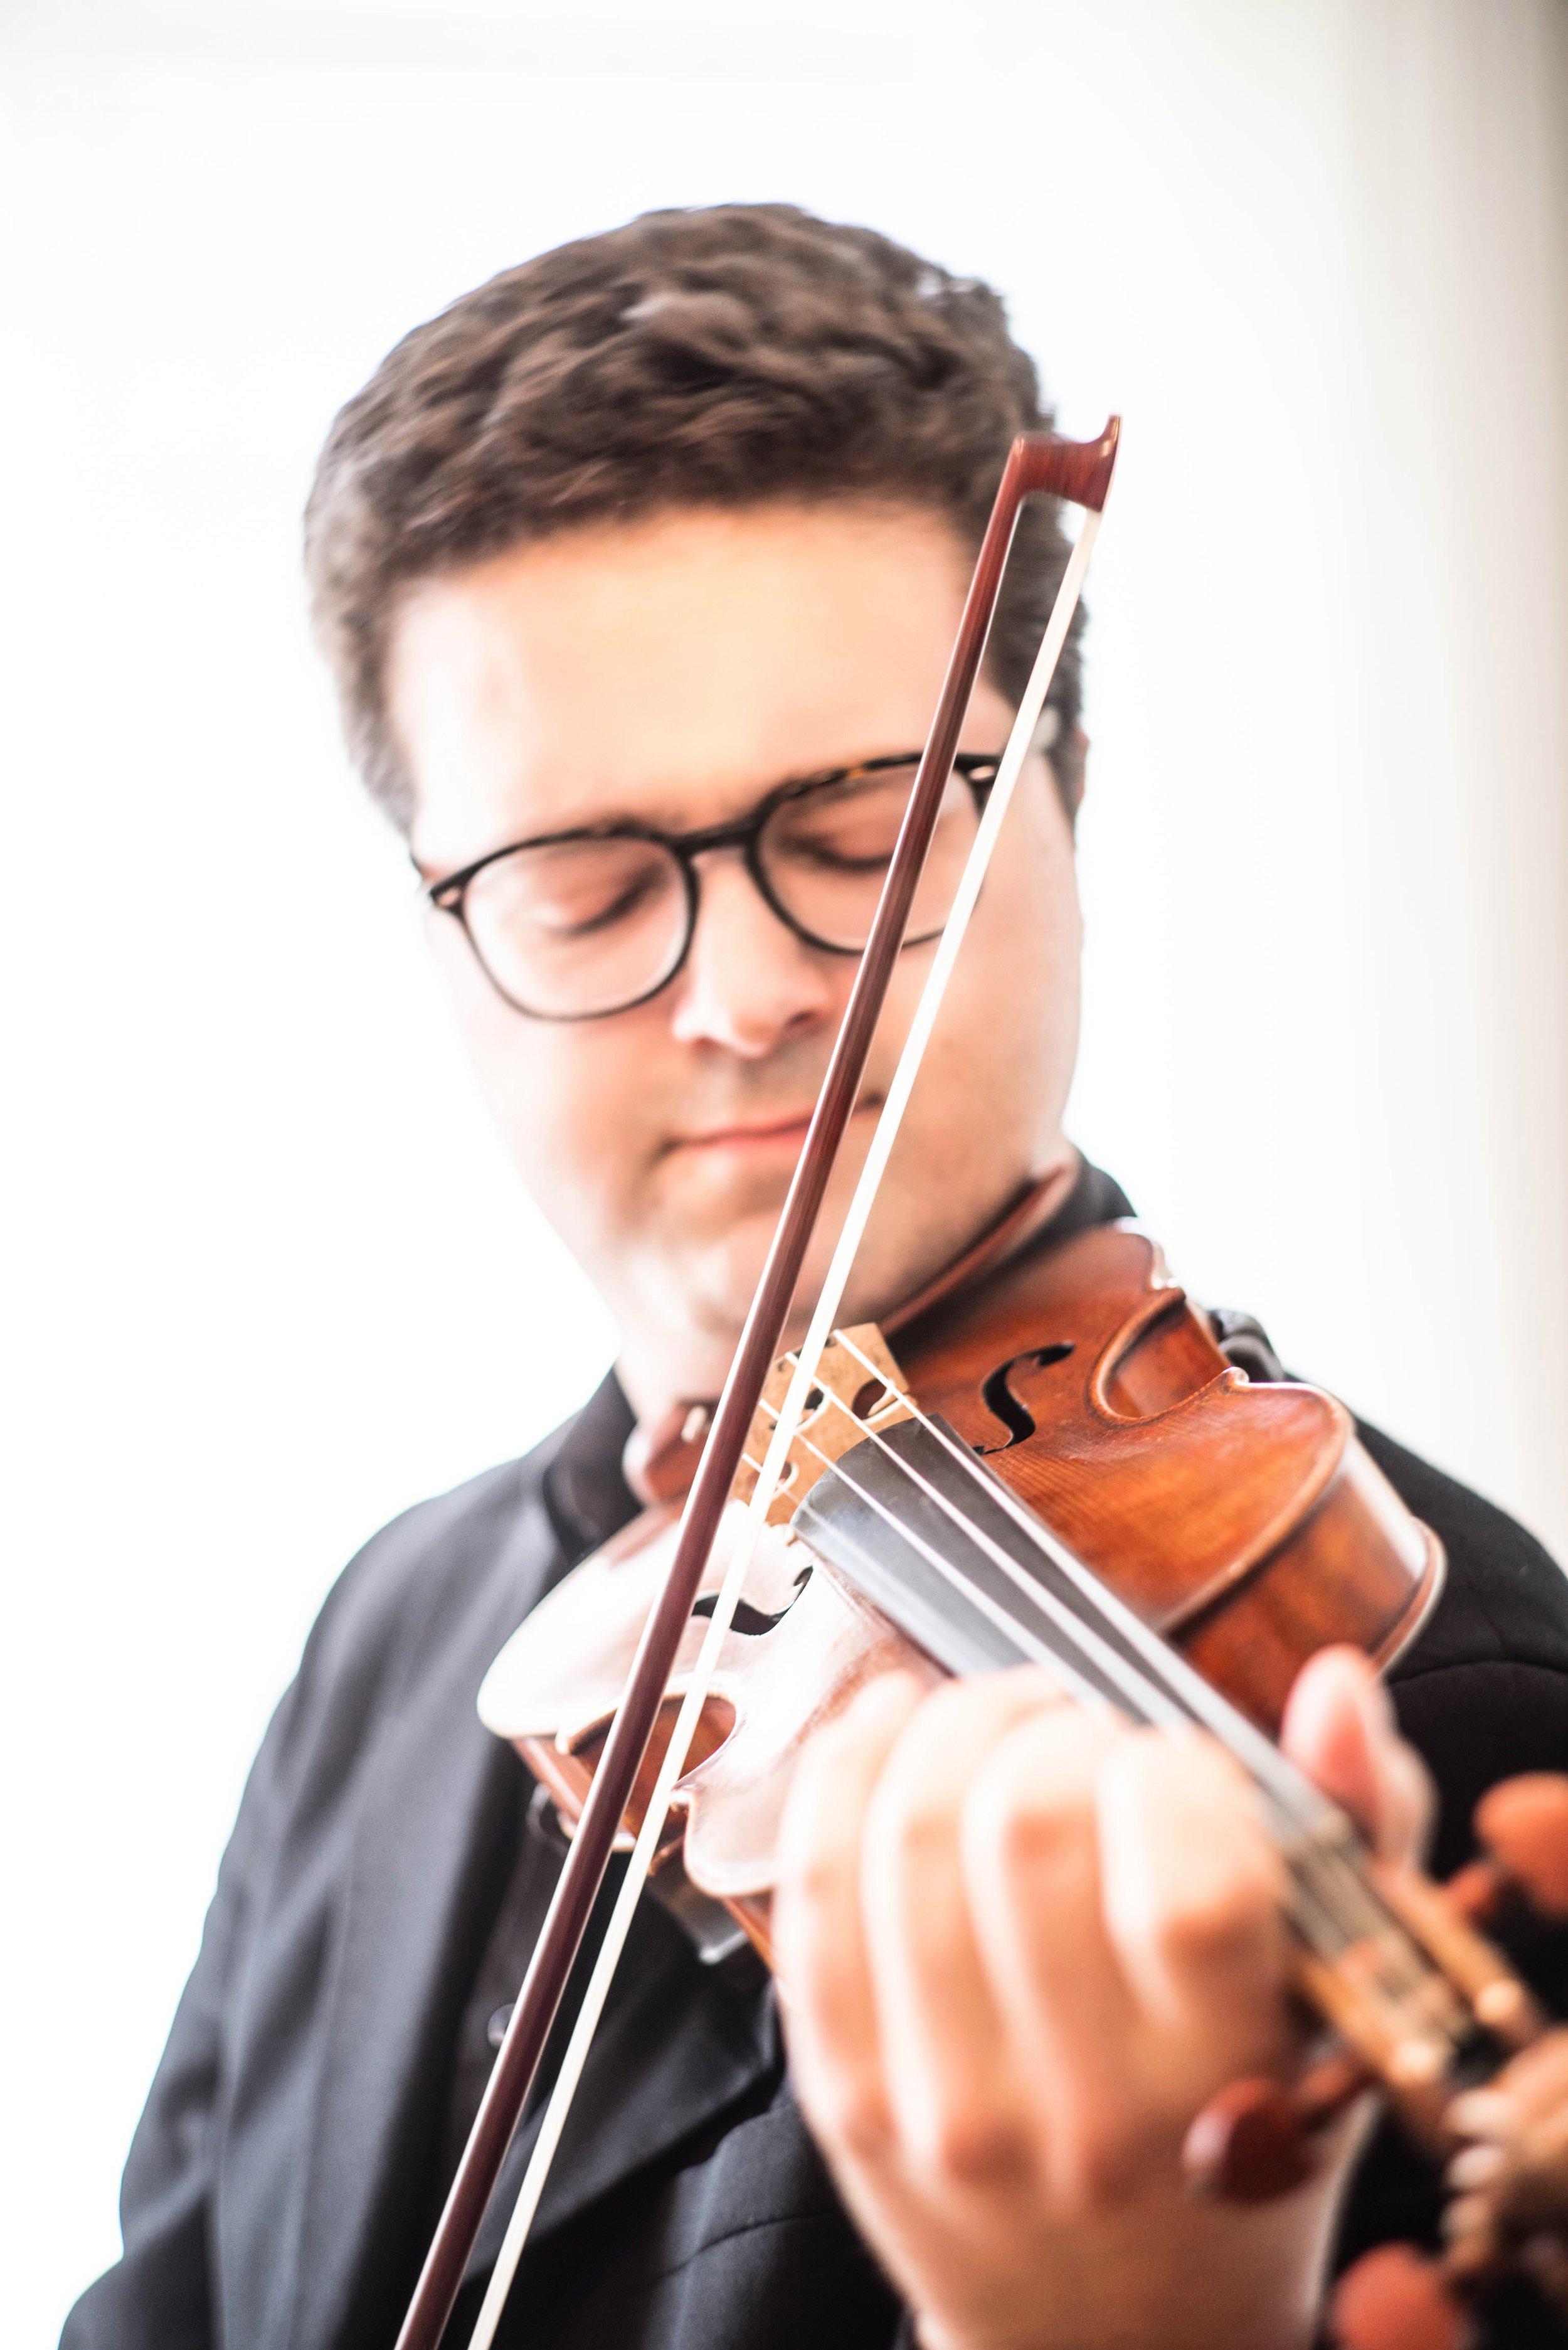 violin-16_pp.jpg